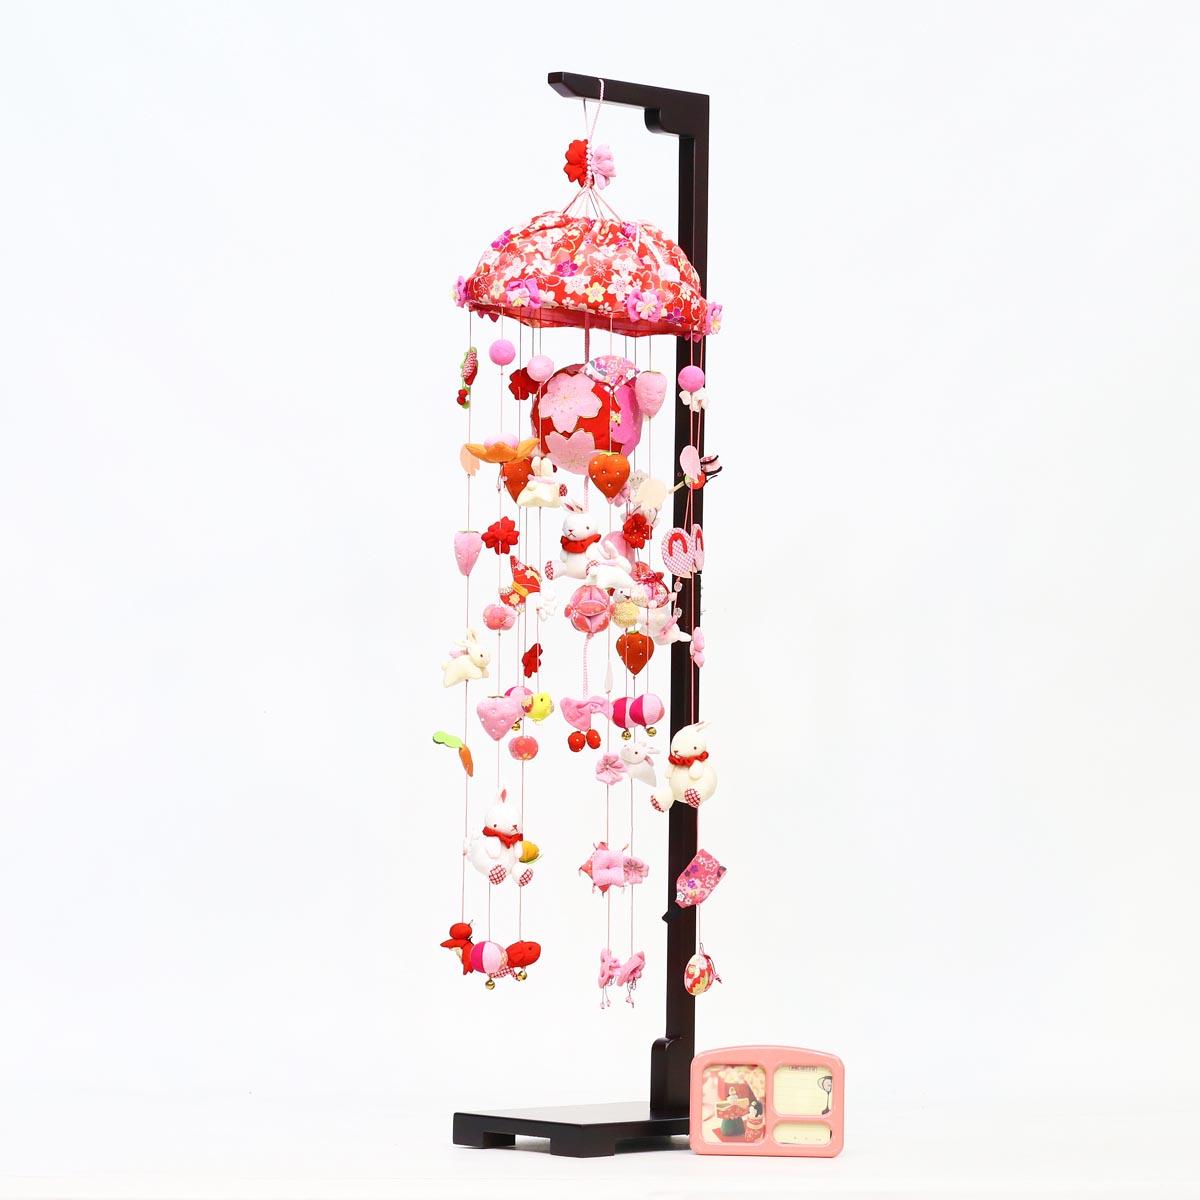 桜うさぎ (大) スタンド付き オルゴール付き TRS-BK-SB-R501S送料無料 ※北海道 沖縄は除く つるし雛 吊るし飾り で 桃の節句 雛祭り ひな祭り 雛人形 のお祝いに